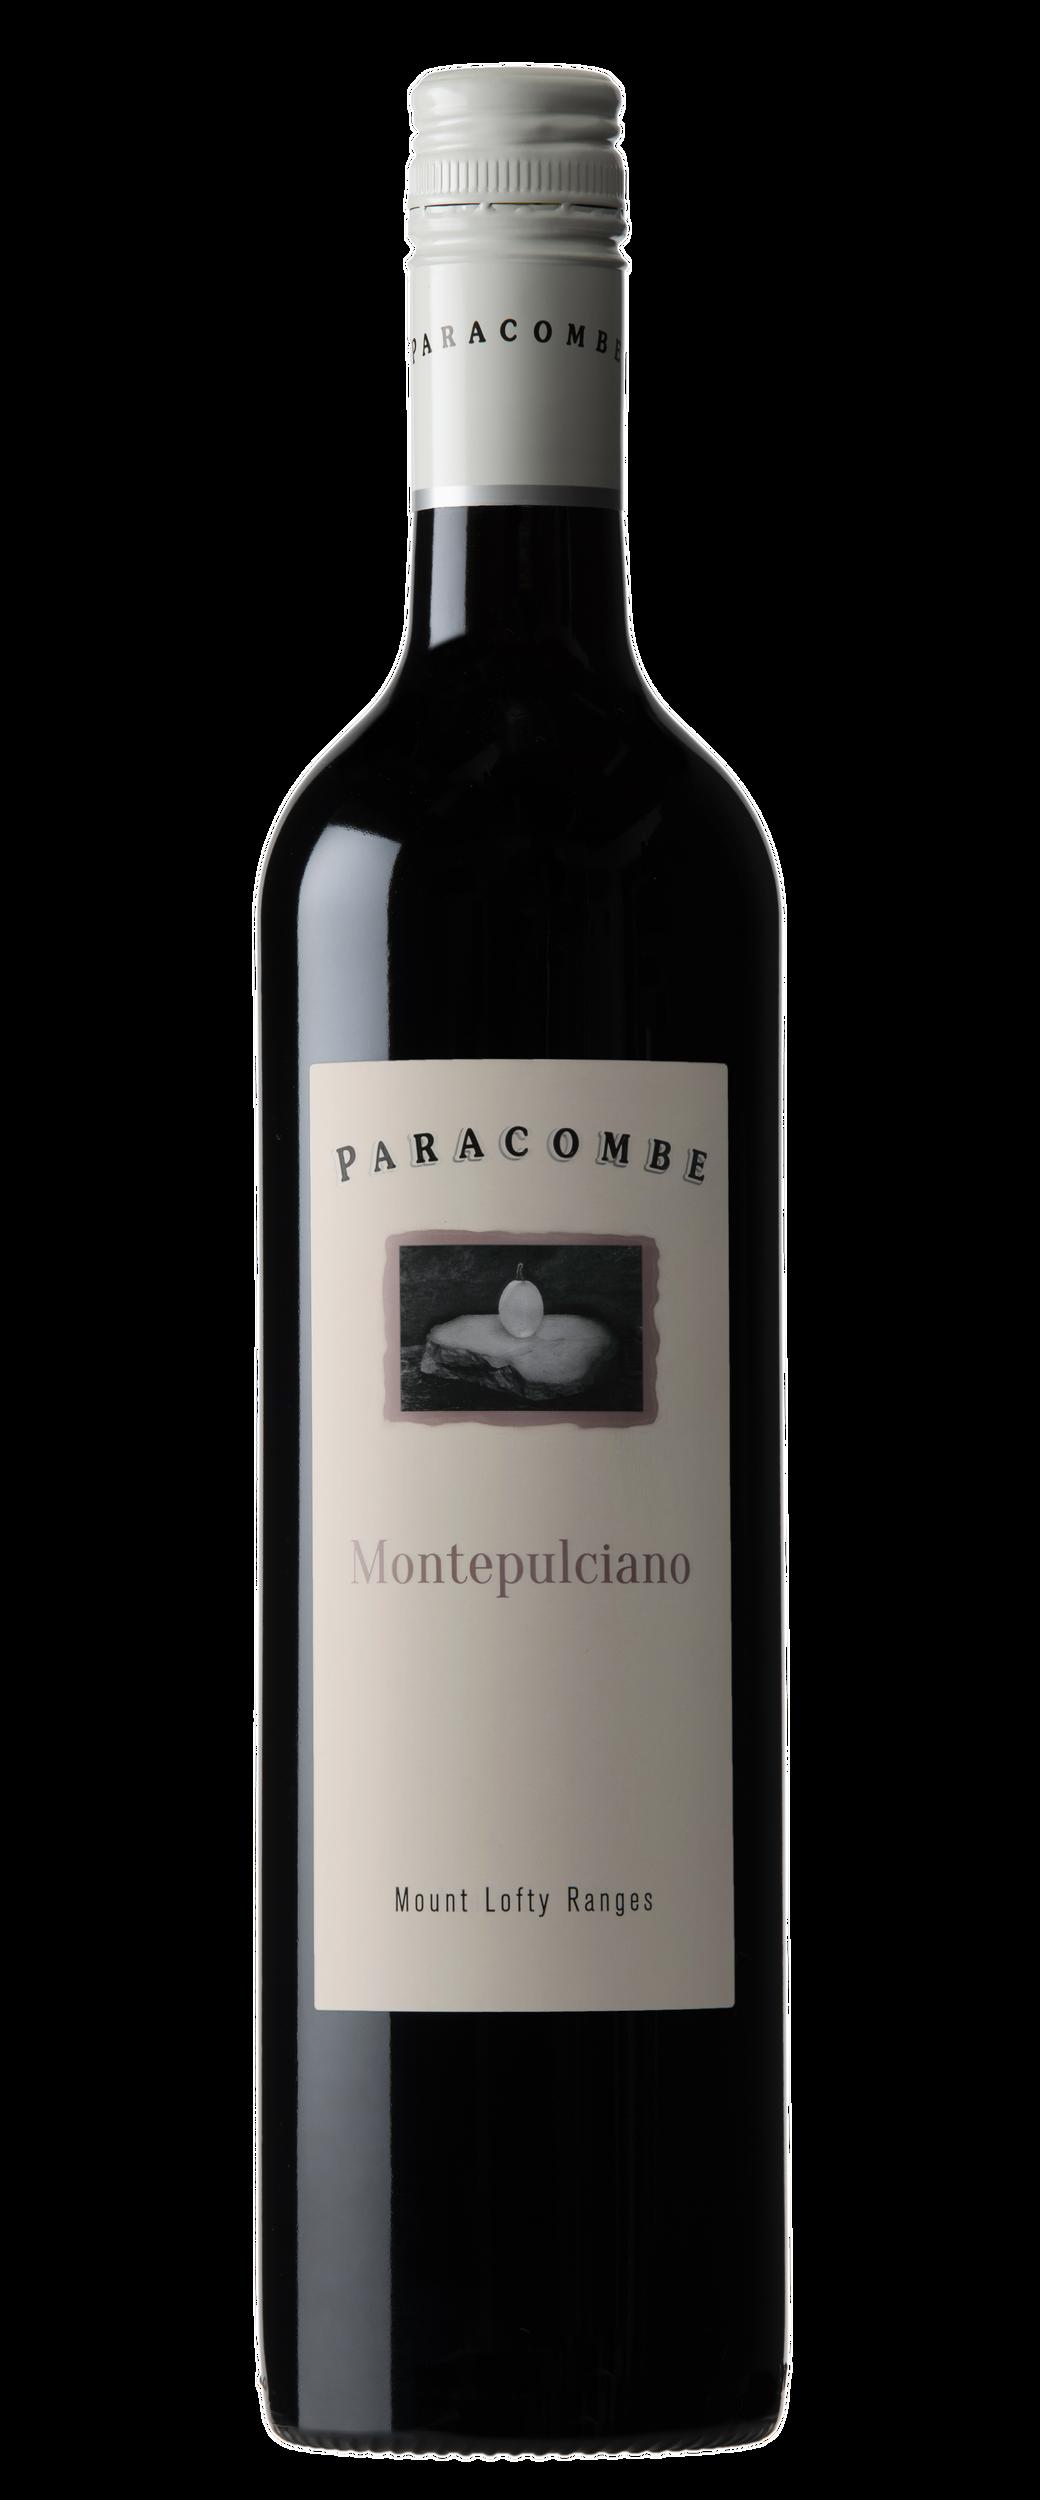 Paracombe Montepulciano NV